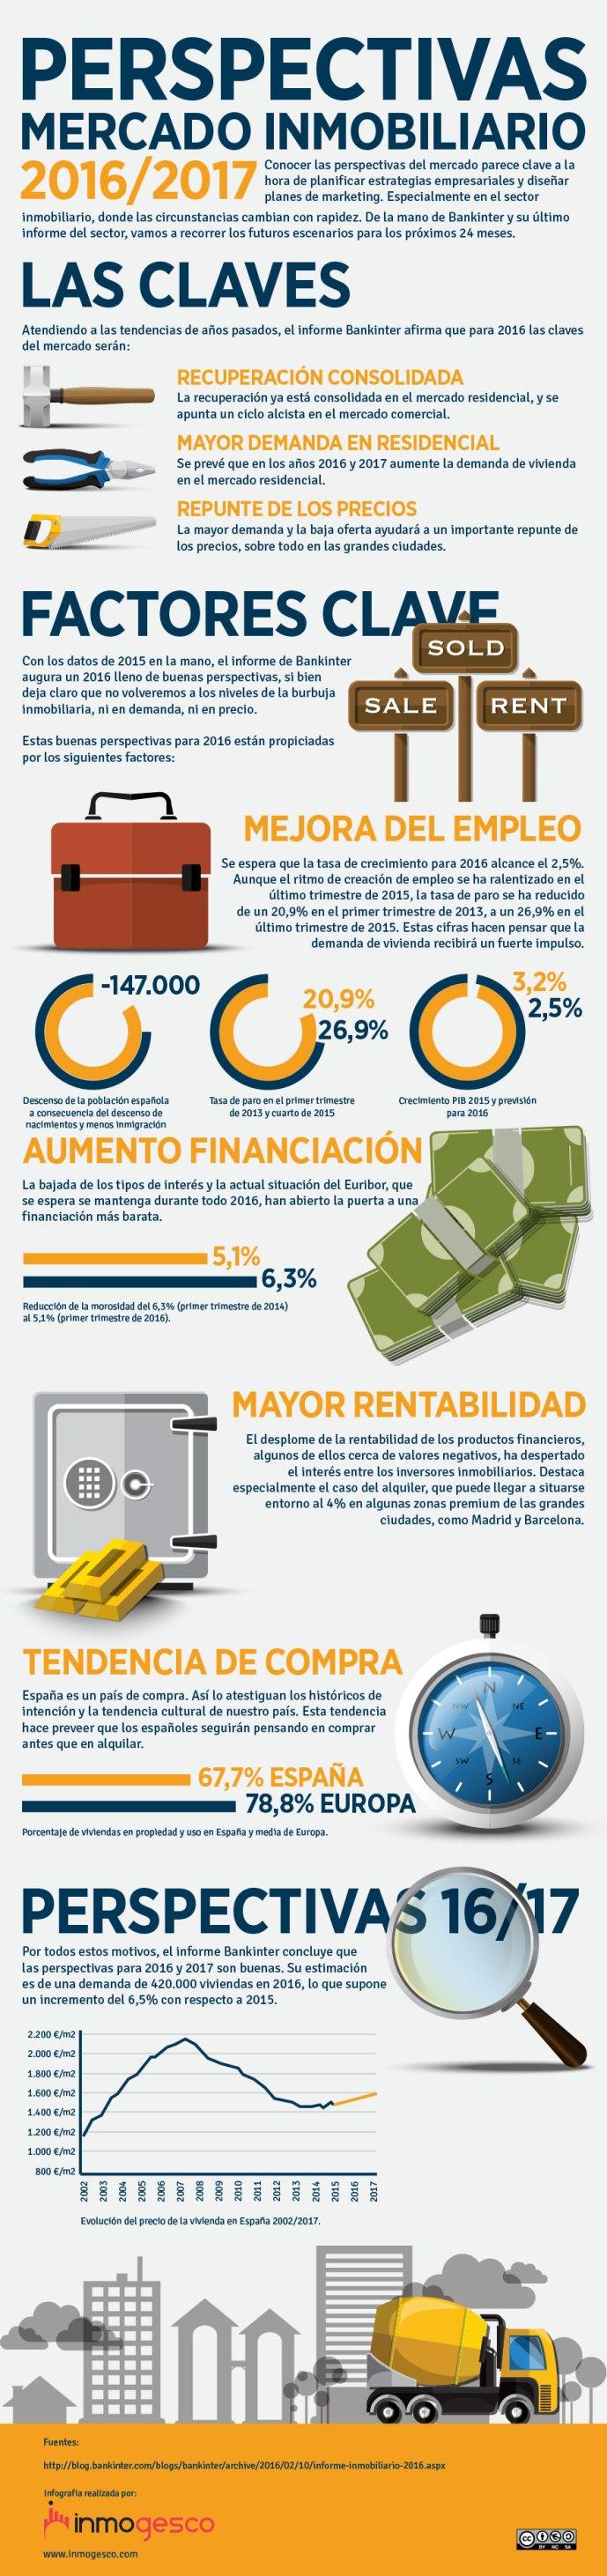 Perspectivas mercado inmobiliario 2016-2017